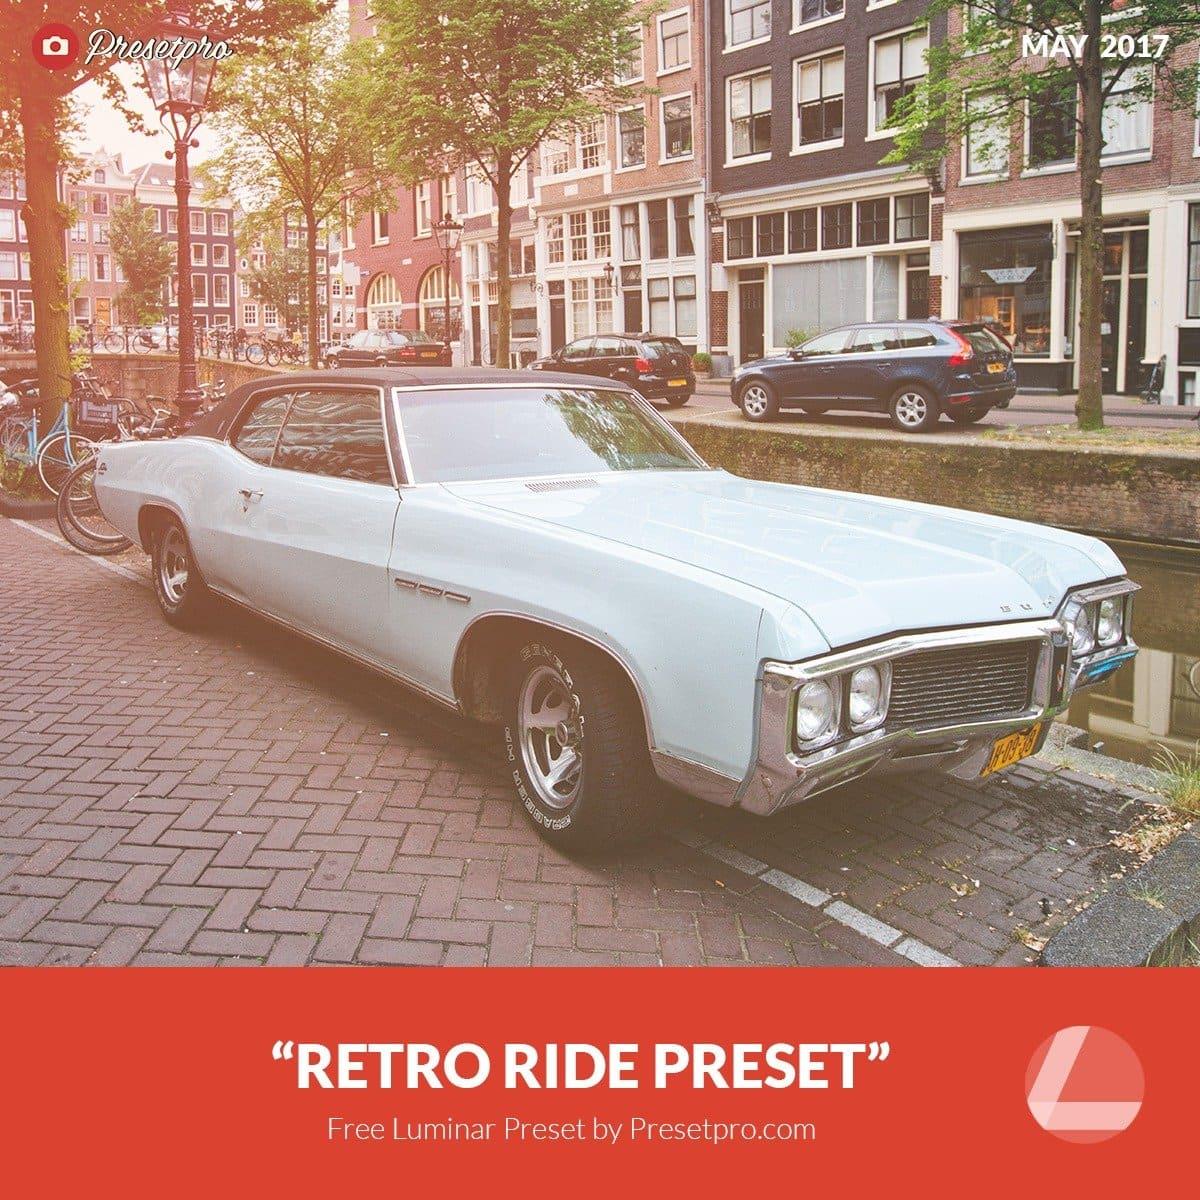 Free-Luminar-Preset-Retro-Ride-Presetpro.com